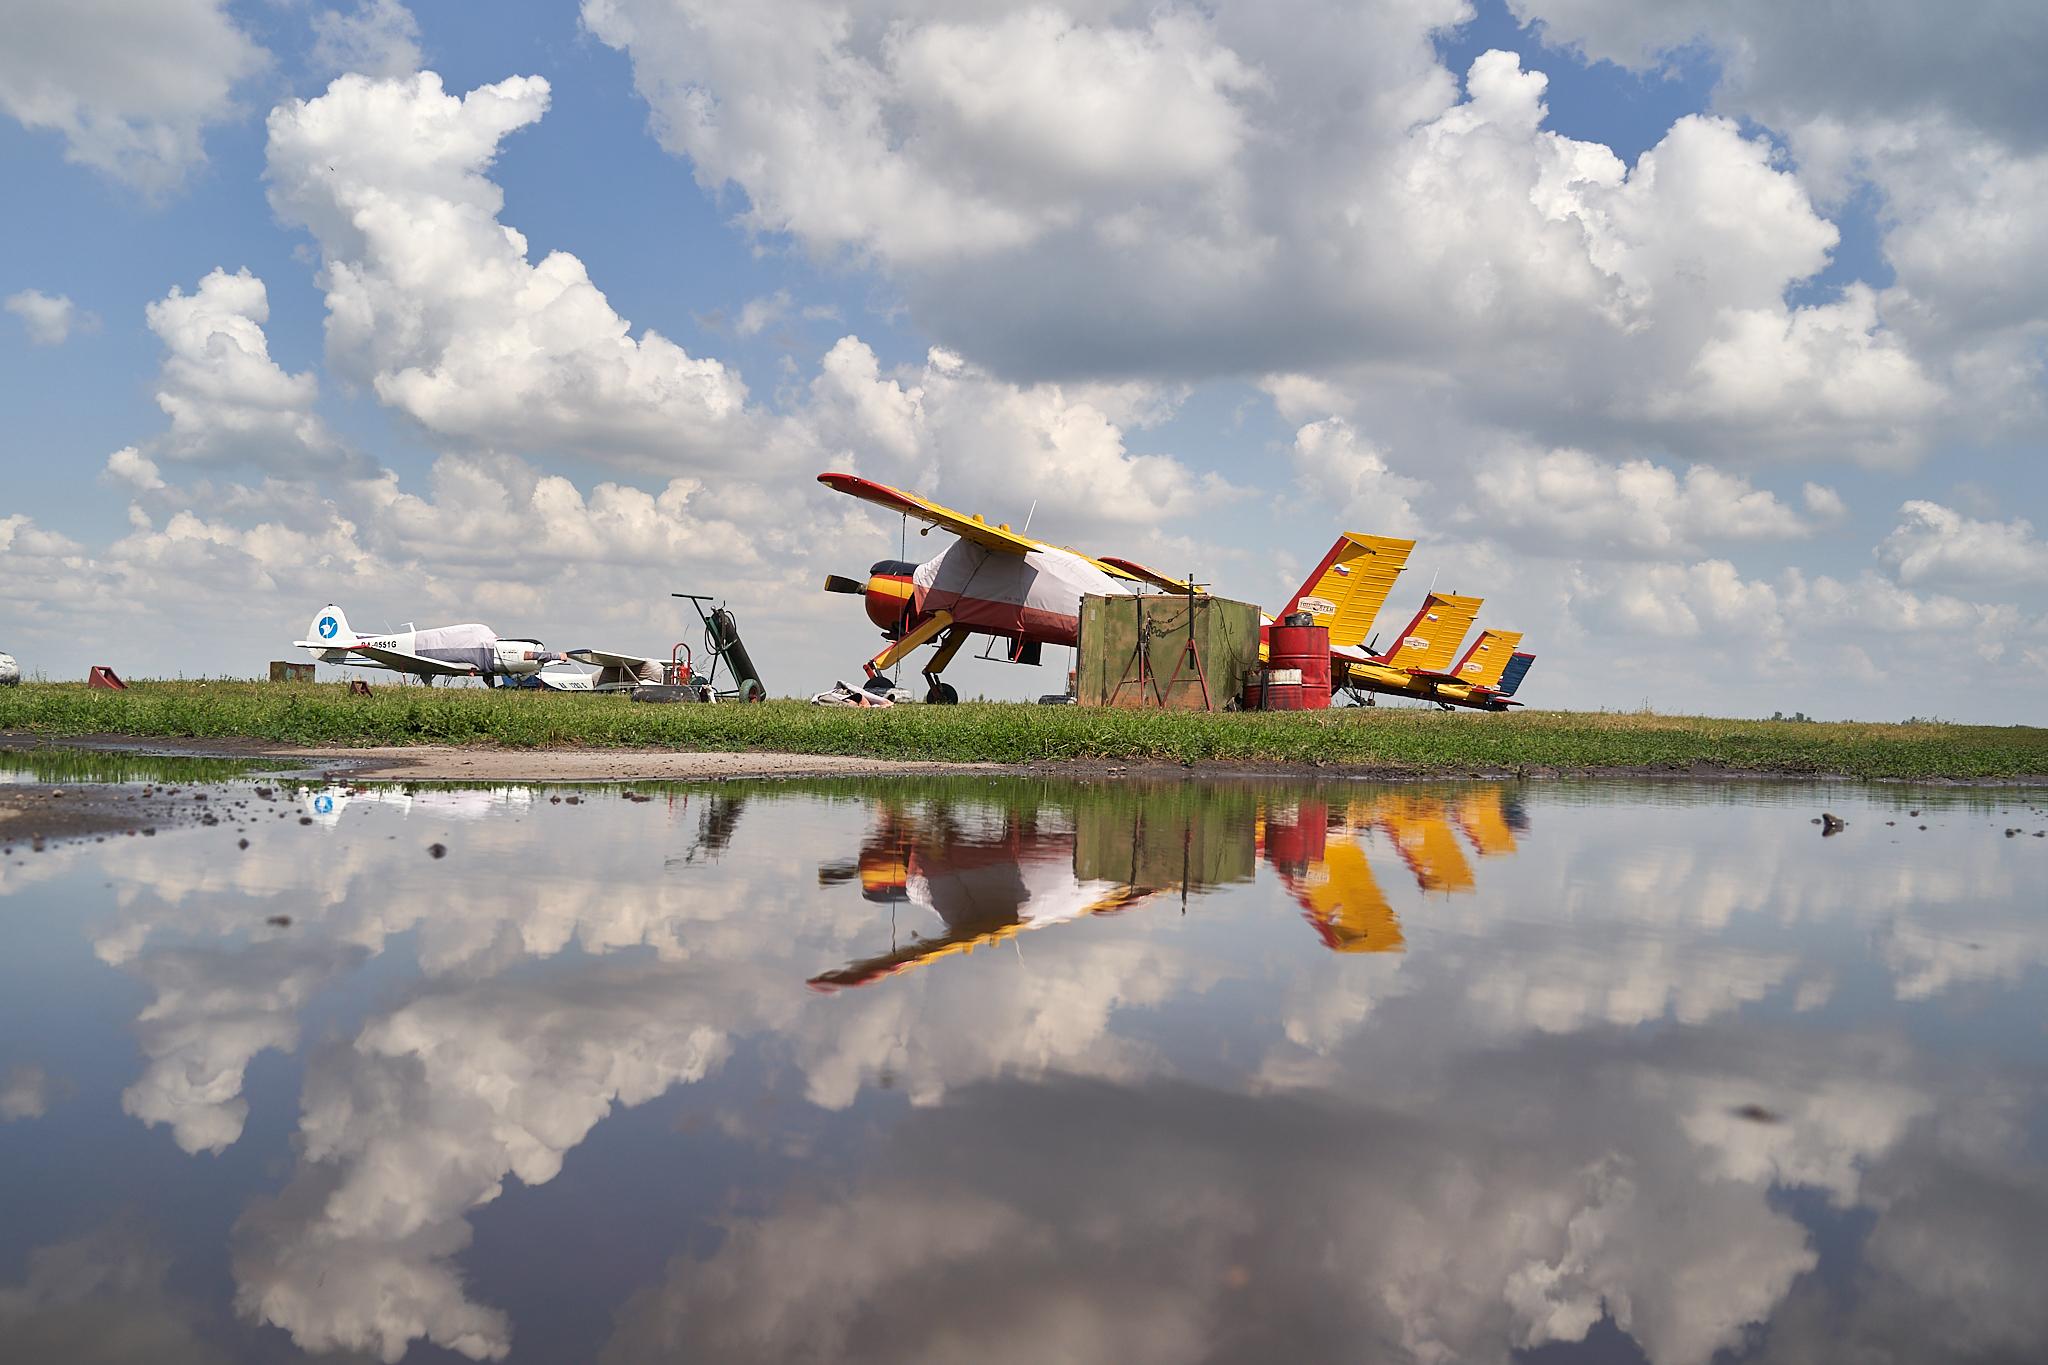 Usman airfield - Аэродром Усмань